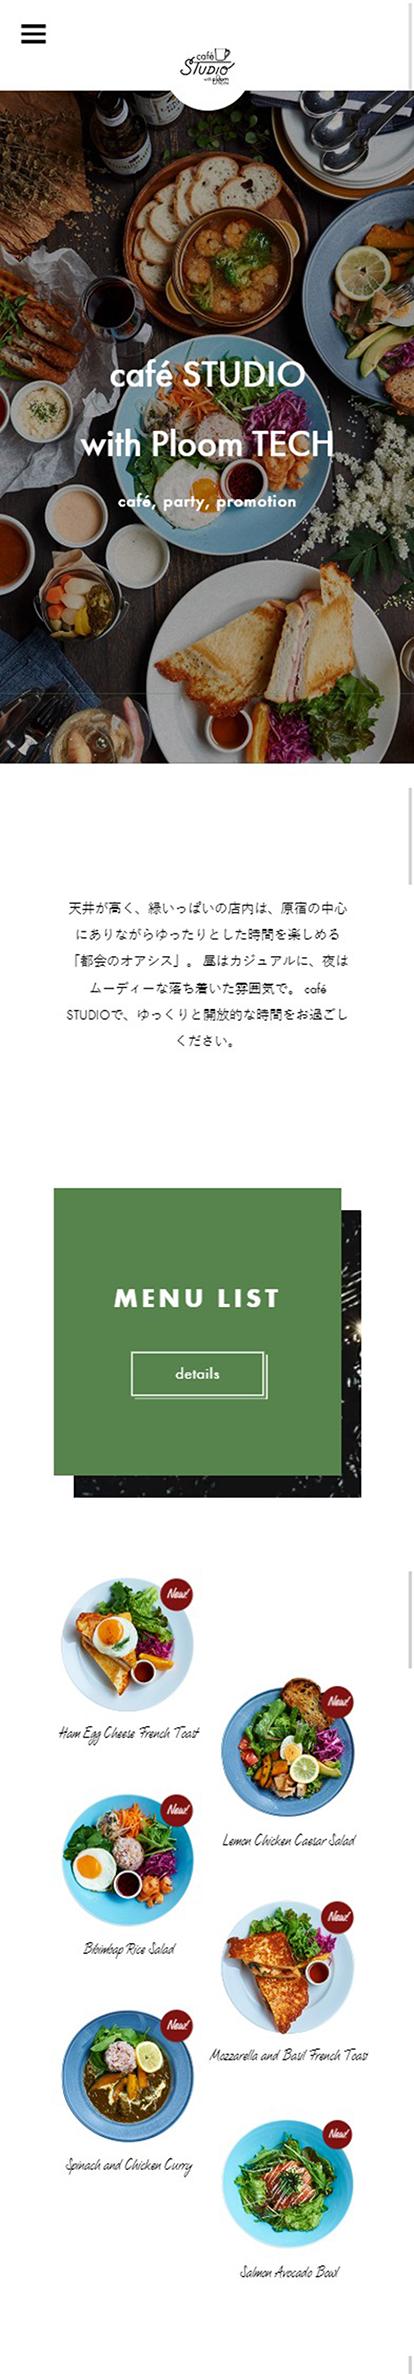 café STUDIO (カフェ ステュディオ)スマホ版イメージ